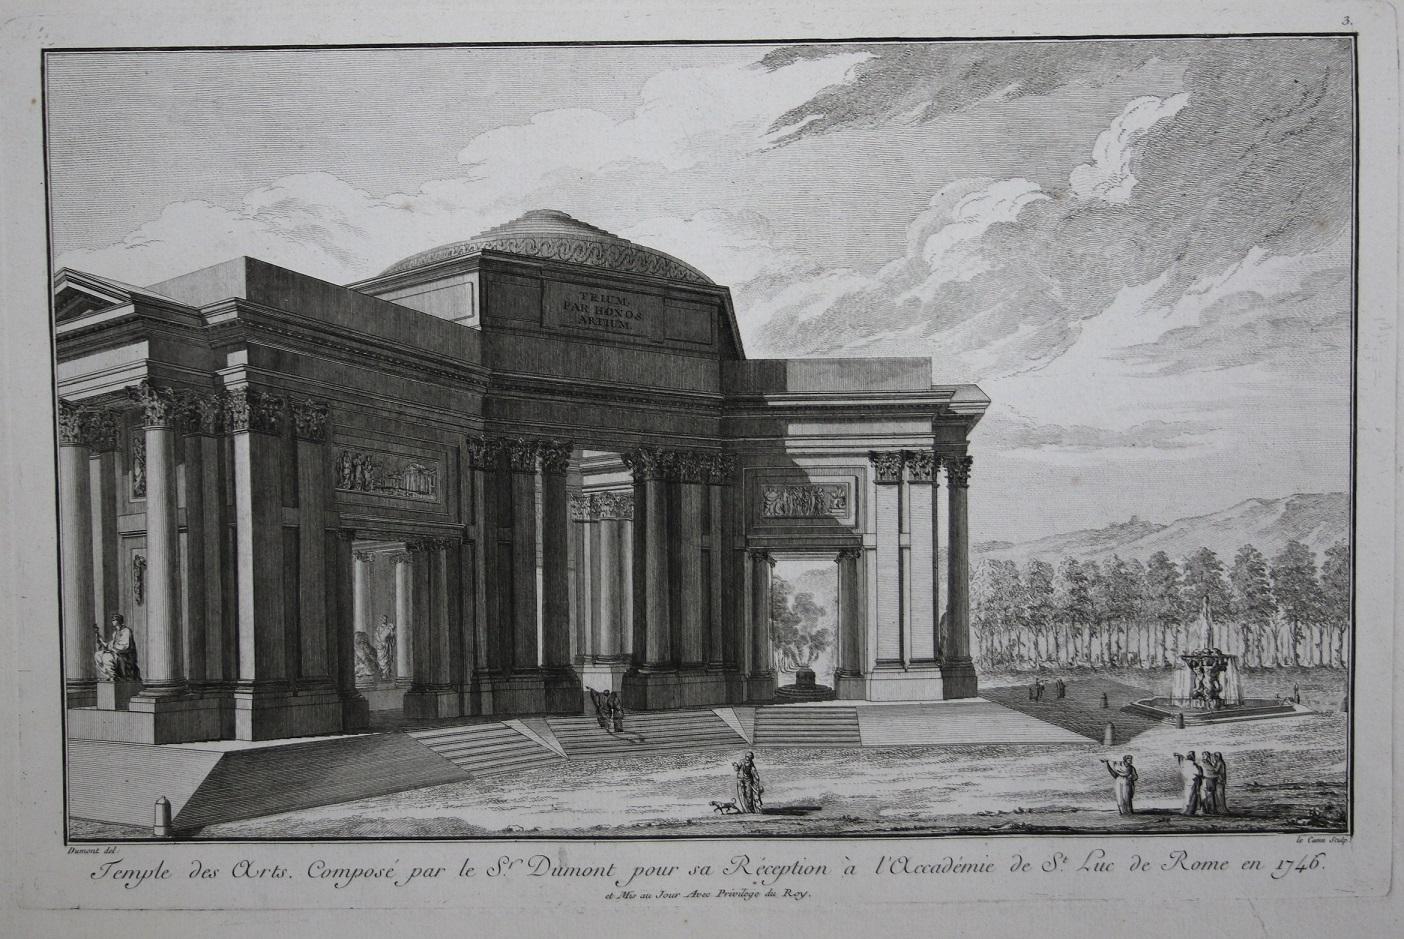 Temple des Arts